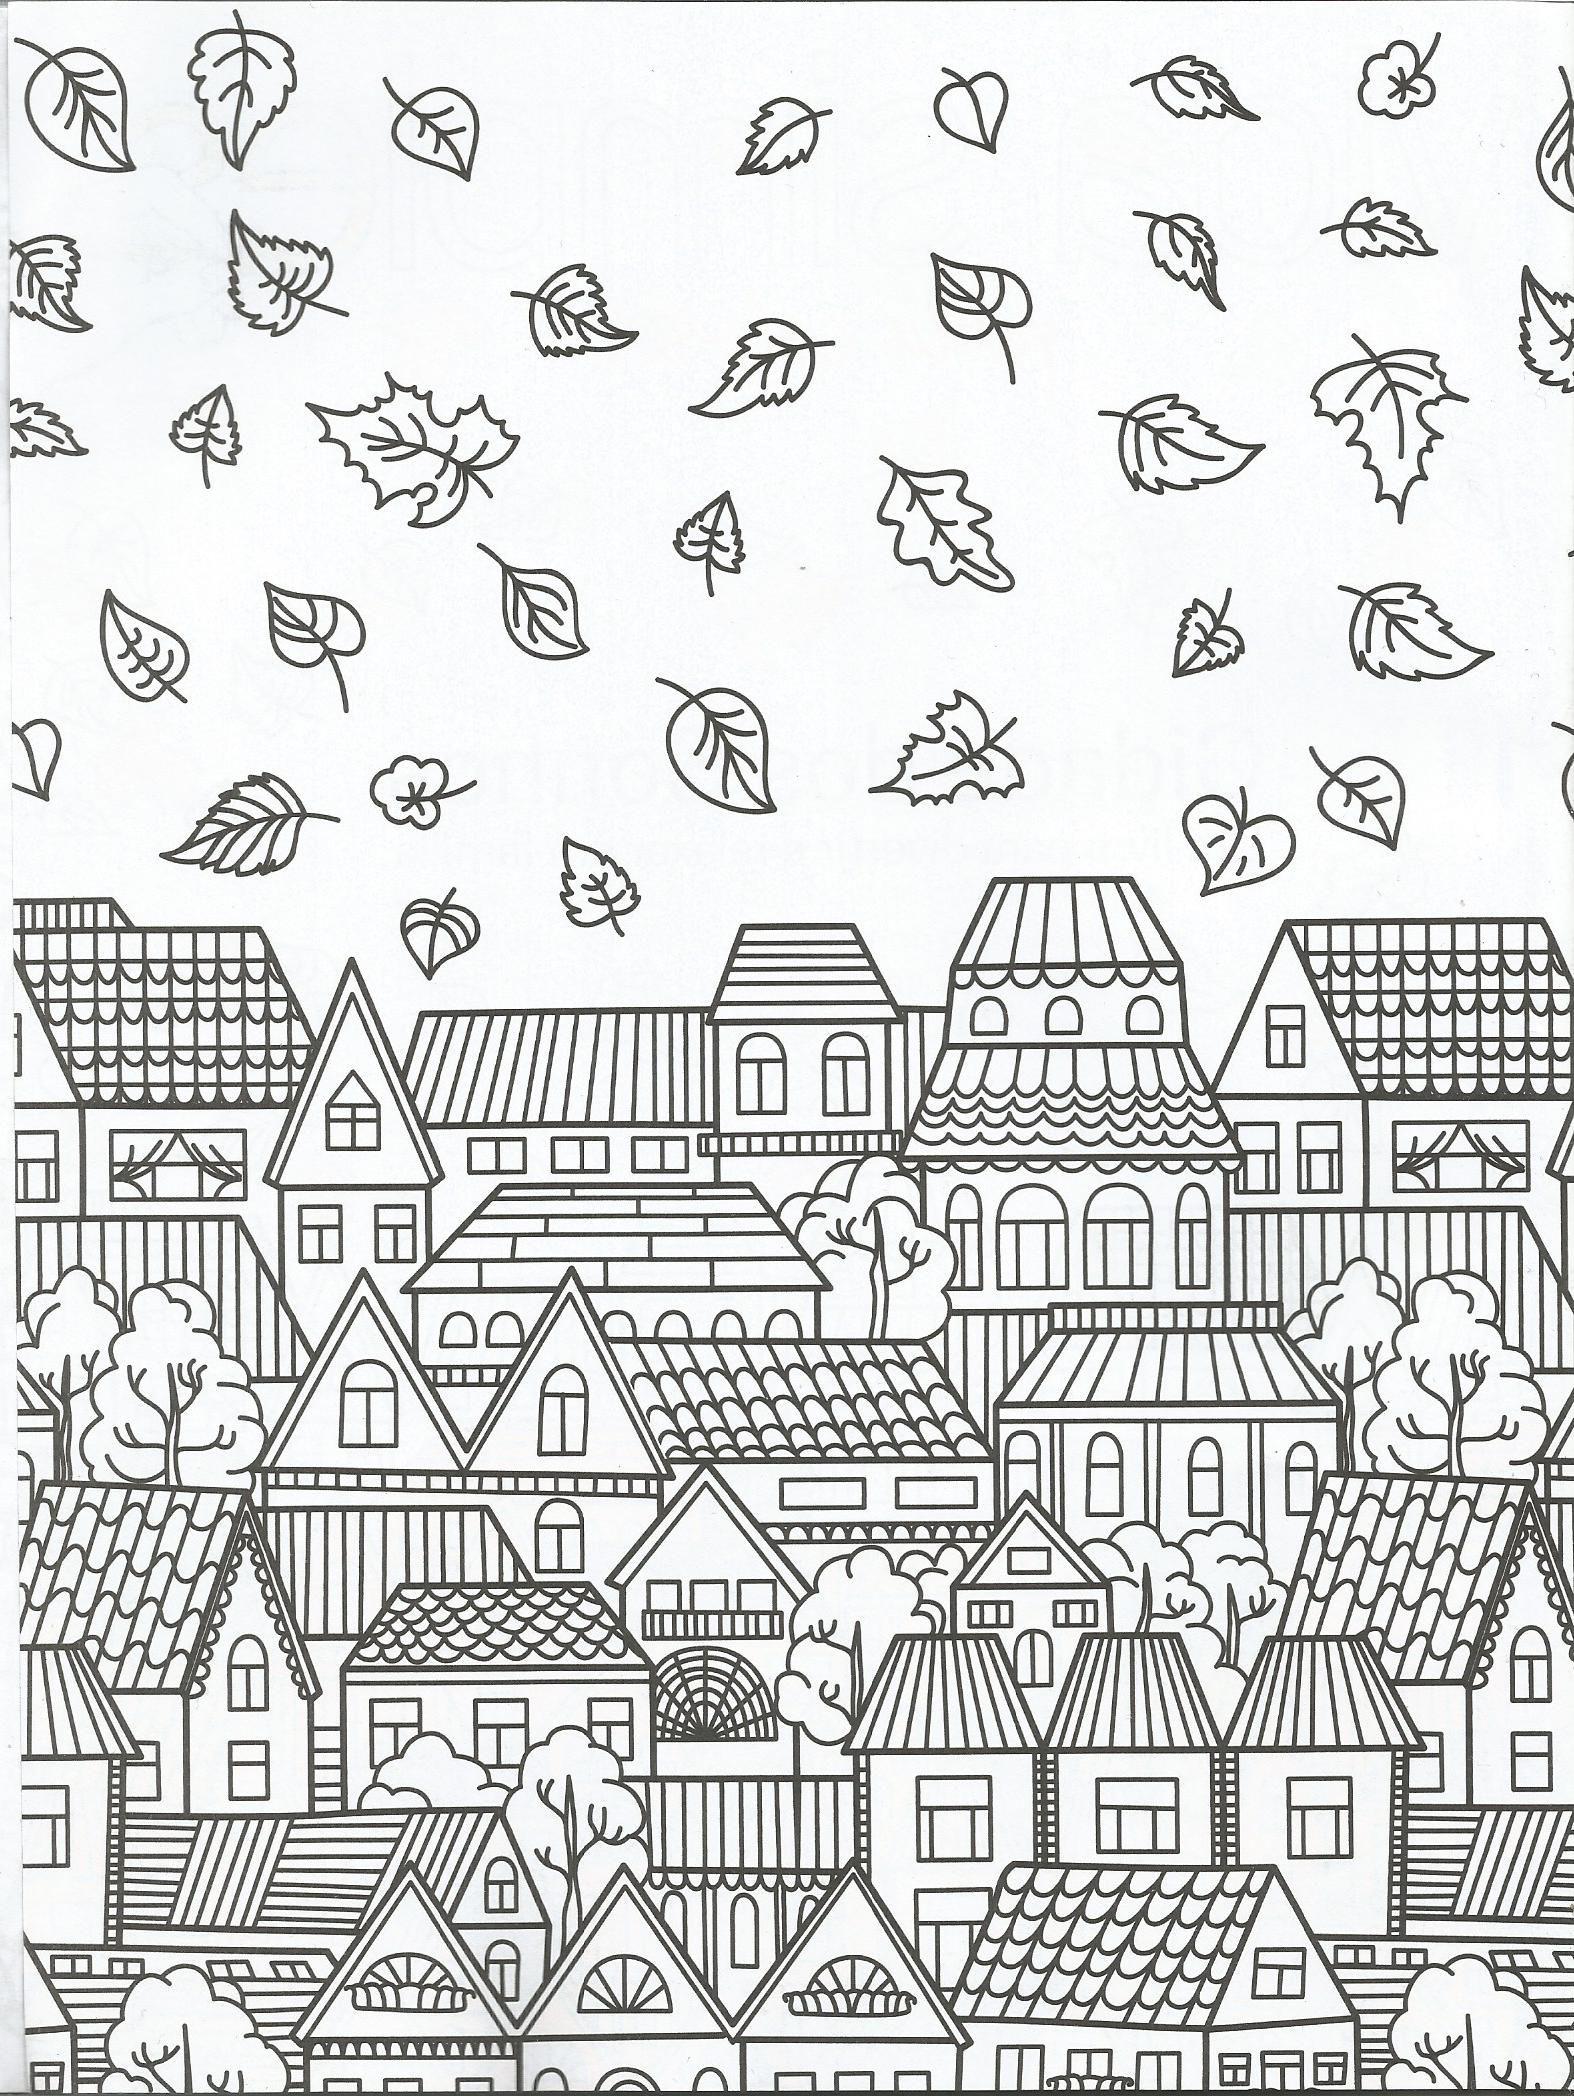 Townscape coloring page Vida Simples Cidade dos Sonhos